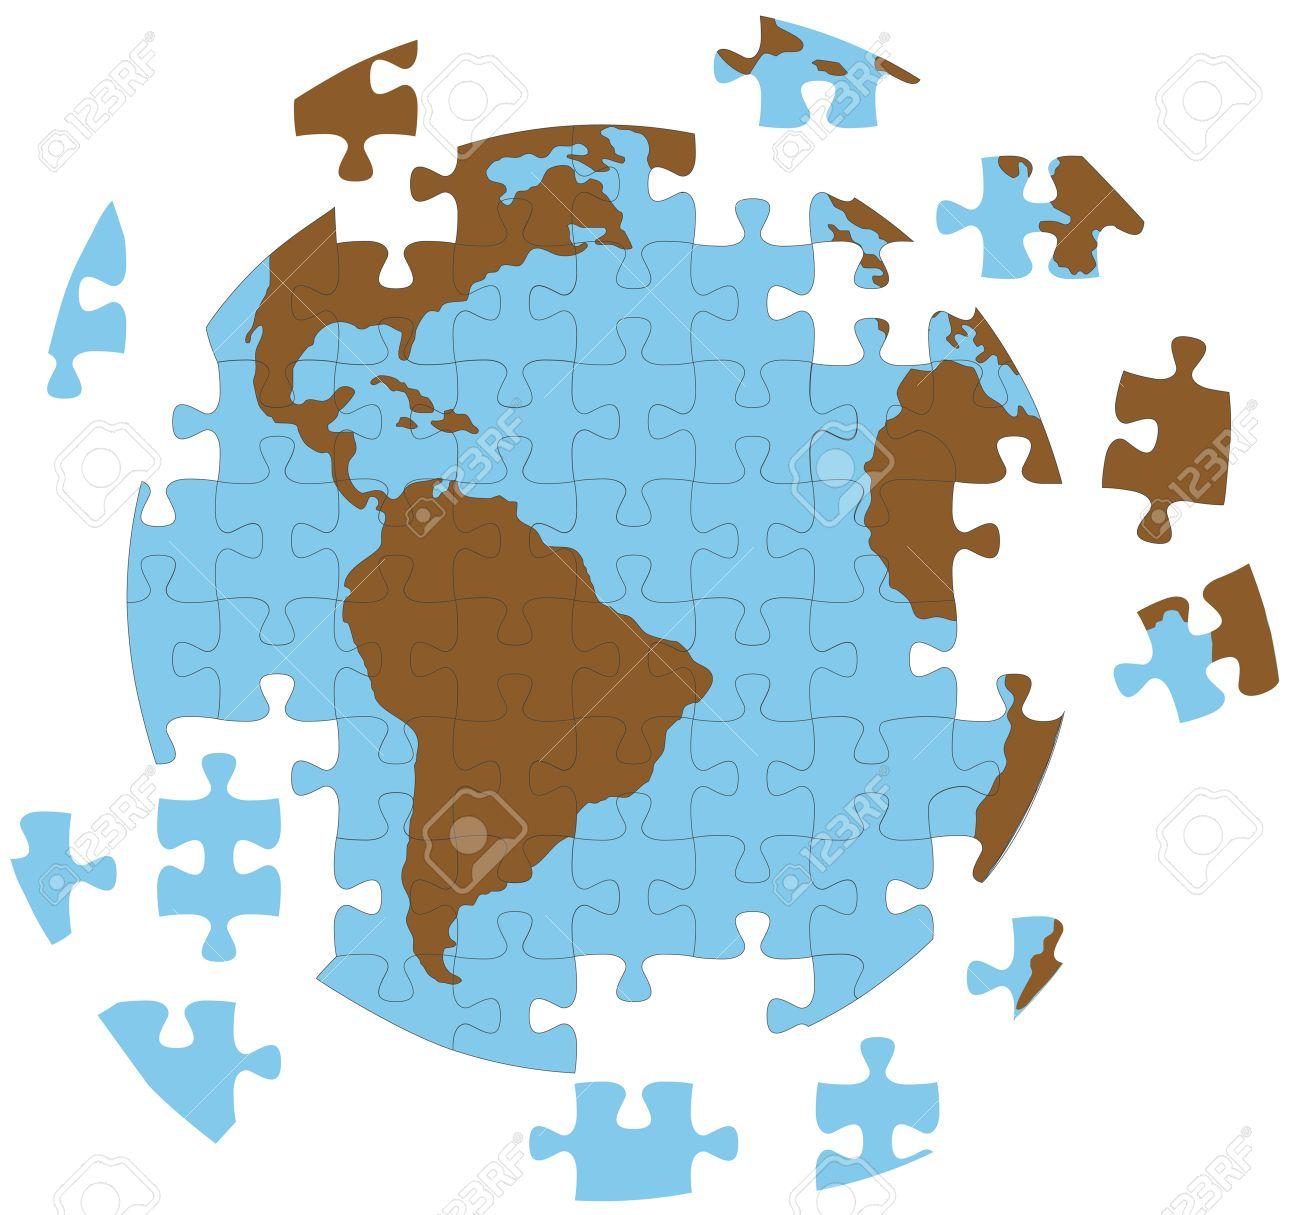 Un real puzzle en la eps vector versin el individuo piezas foto de archivo un real puzzle en la eps vector versin el individuo piezas estn en capas que se traslad a ttulo individual y organizado gumiabroncs Images